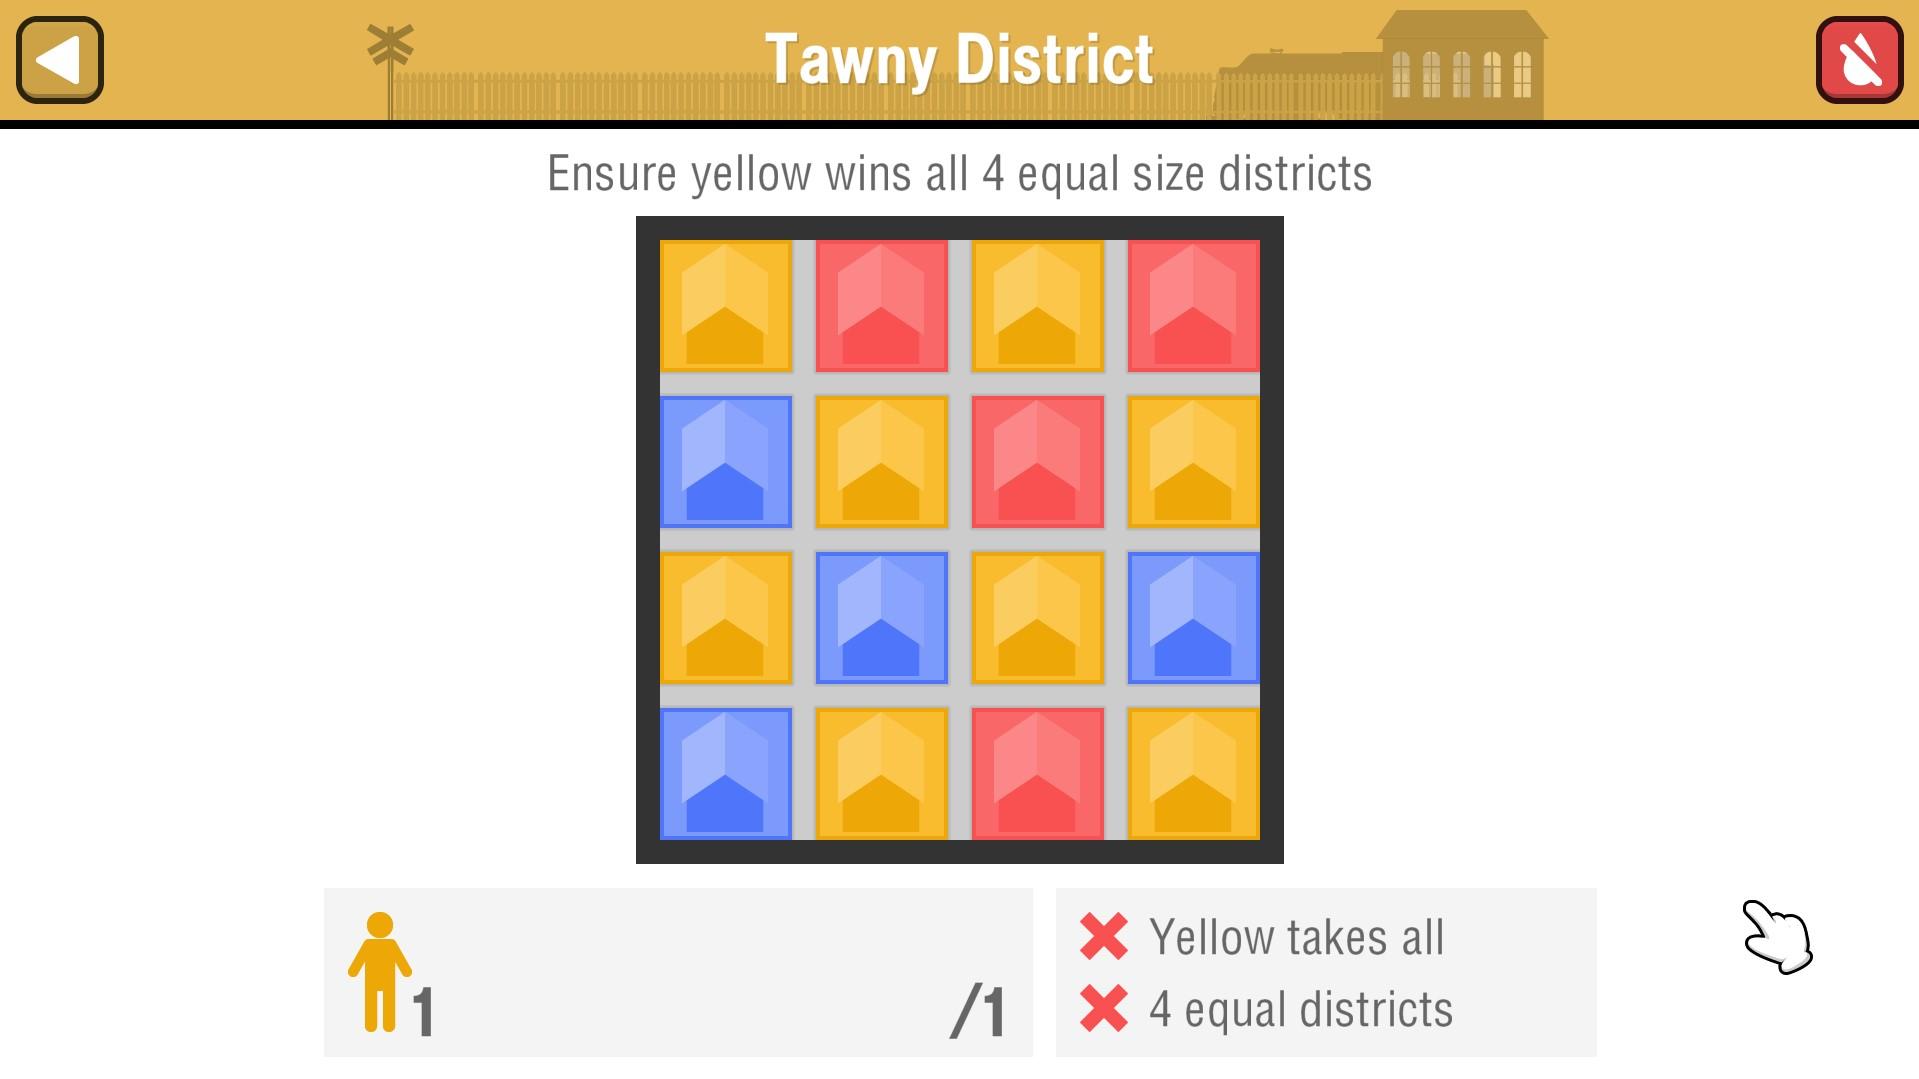 Tawny District